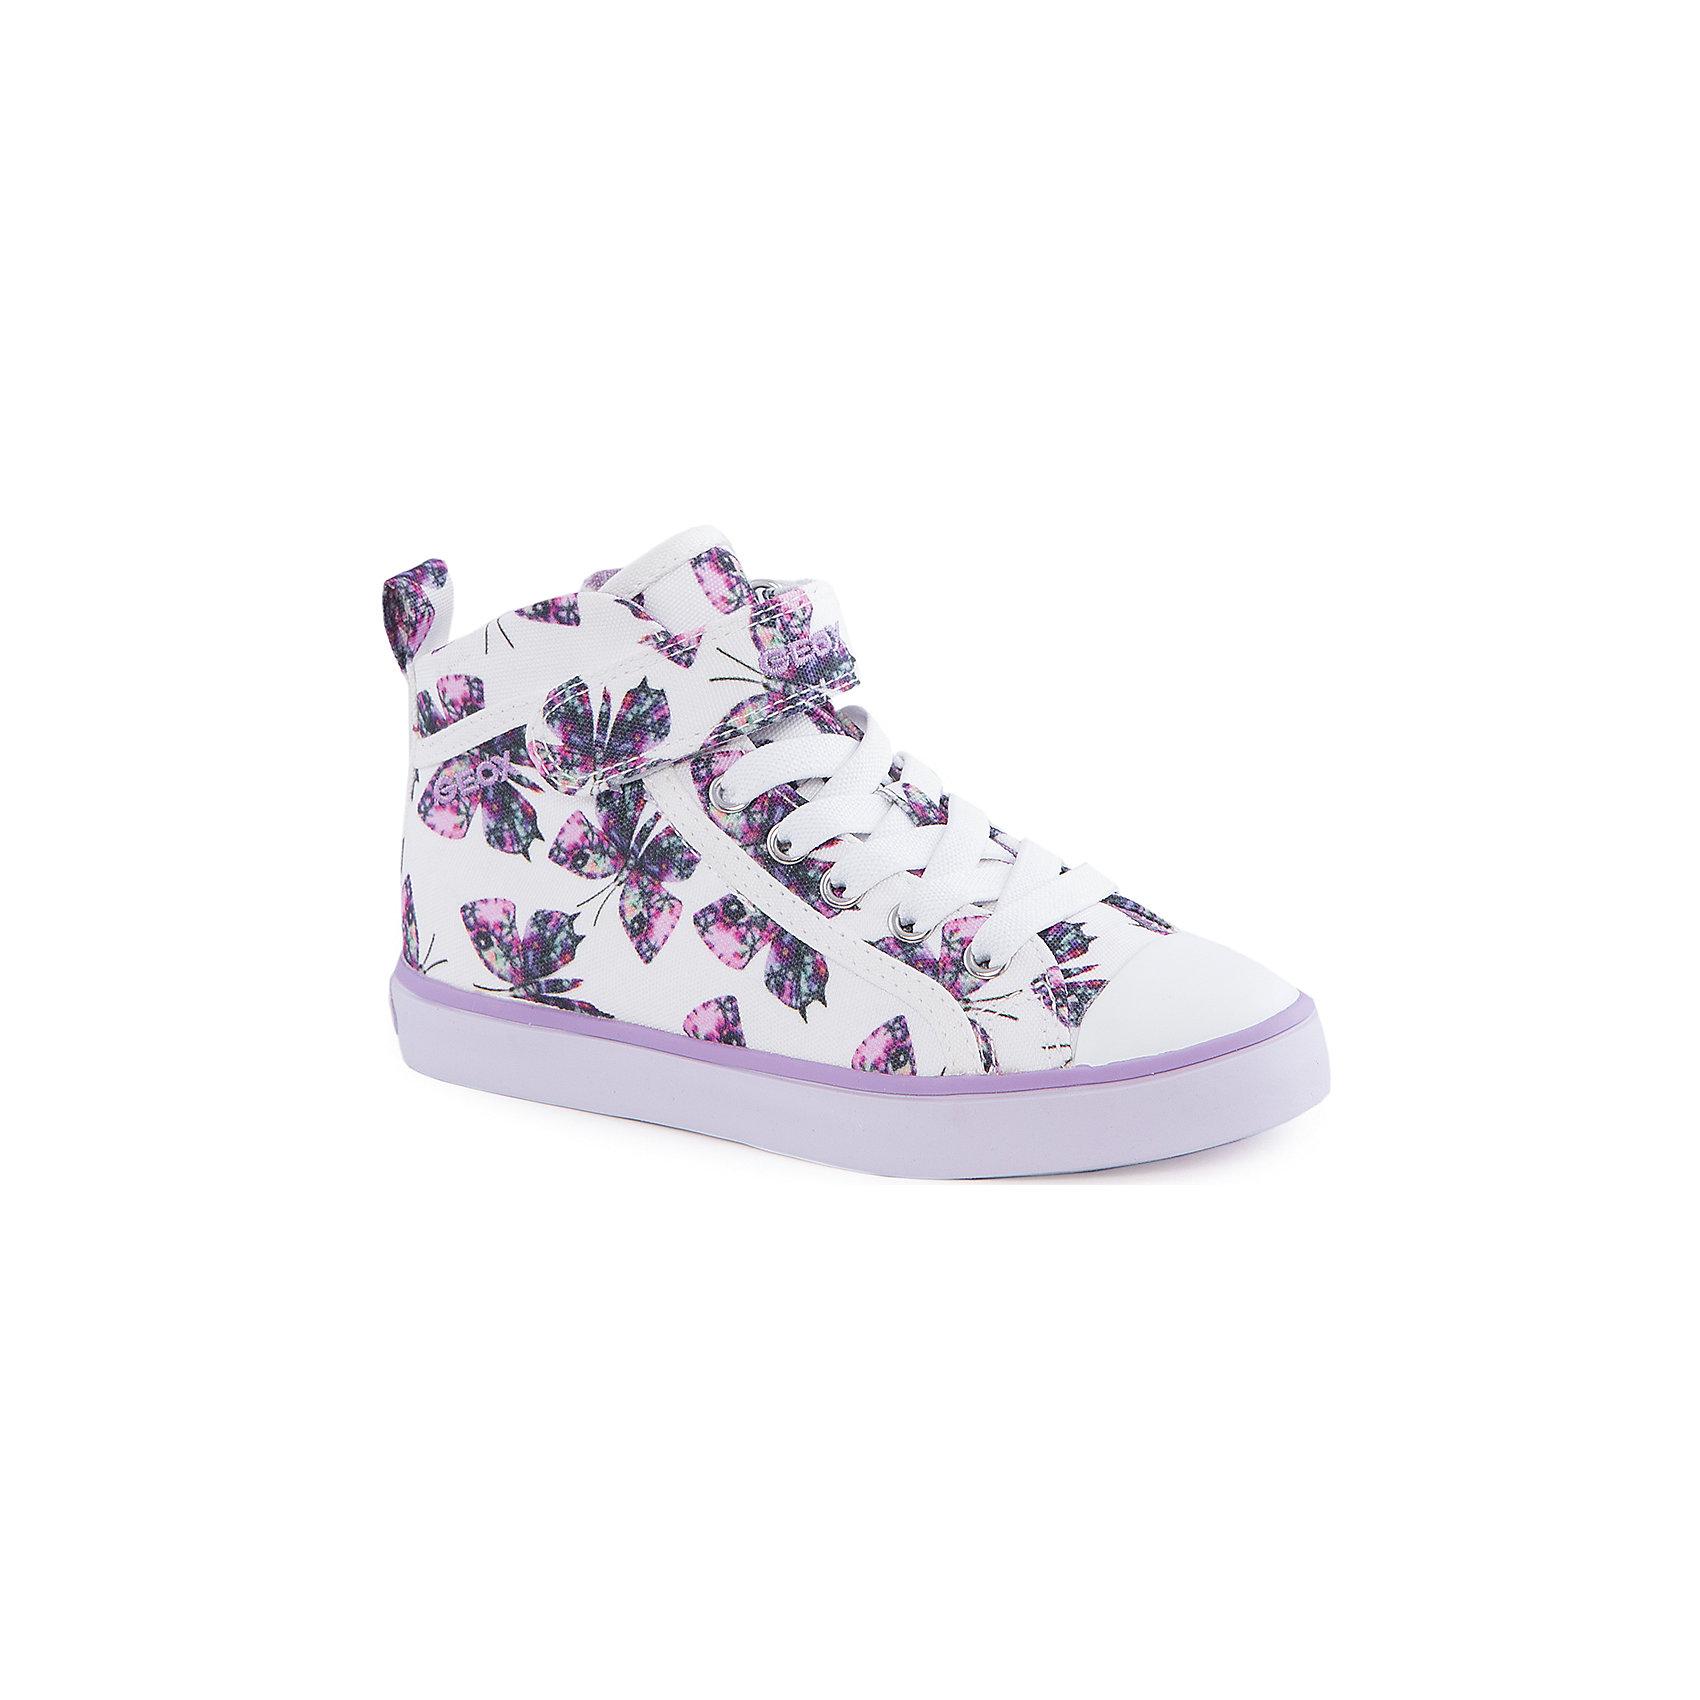 Кеды для девочки GeoxКеды<br>Ботинки для девочки от популярной марки GEOX (Геокс).<br><br>Эти светлые Ботинки с принтом - отличная обувь для нового весеннего сезона. Модель очень стильно и оригинально смотрится.<br>Производитель обуви заботится не только о внешнем виде, но и стабильно высоком качестве продукции. GEOX (Геокс) разработал специальную дышащую подошву, которая не пропускает влагу внутрь, а также высокотехнологичную стельку.<br><br>Отличительные особенности модели:<br><br>- цвет: белый;<br>- украшены принтом с бабочками;<br>- гибкая водоотталкивающая подошва с дышащей мембраной;<br>- мягкий и легкий верх;<br>- защита пальцев;<br>- стильный дизайн;<br>- удобная застежка-молния сбоку, шнуровка, липучка;<br>- комфортное облегание;<br>- верх обуви и подкладка сделаны без использования хрома.<br><br>Дополнительная информация:<br><br>- Температурный режим: от +10° С до 25° С.<br><br>- Состав:<br><br>материал верха: текстиль, синтетический материал<br>материал подкладки: текстиль<br>подошва: 100% резина<br><br>Ботинки для девочки GEOX (Геокс) (Геокс) можно купить в нашем магазине.<br><br>Ширина мм: 250<br>Глубина мм: 150<br>Высота мм: 150<br>Вес г: 250<br>Цвет: белый<br>Возраст от месяцев: 96<br>Возраст до месяцев: 108<br>Пол: Женский<br>Возраст: Детский<br>Размер: 35,29,34,37,31,36,33,30,28,27,26,32<br>SKU: 4519105